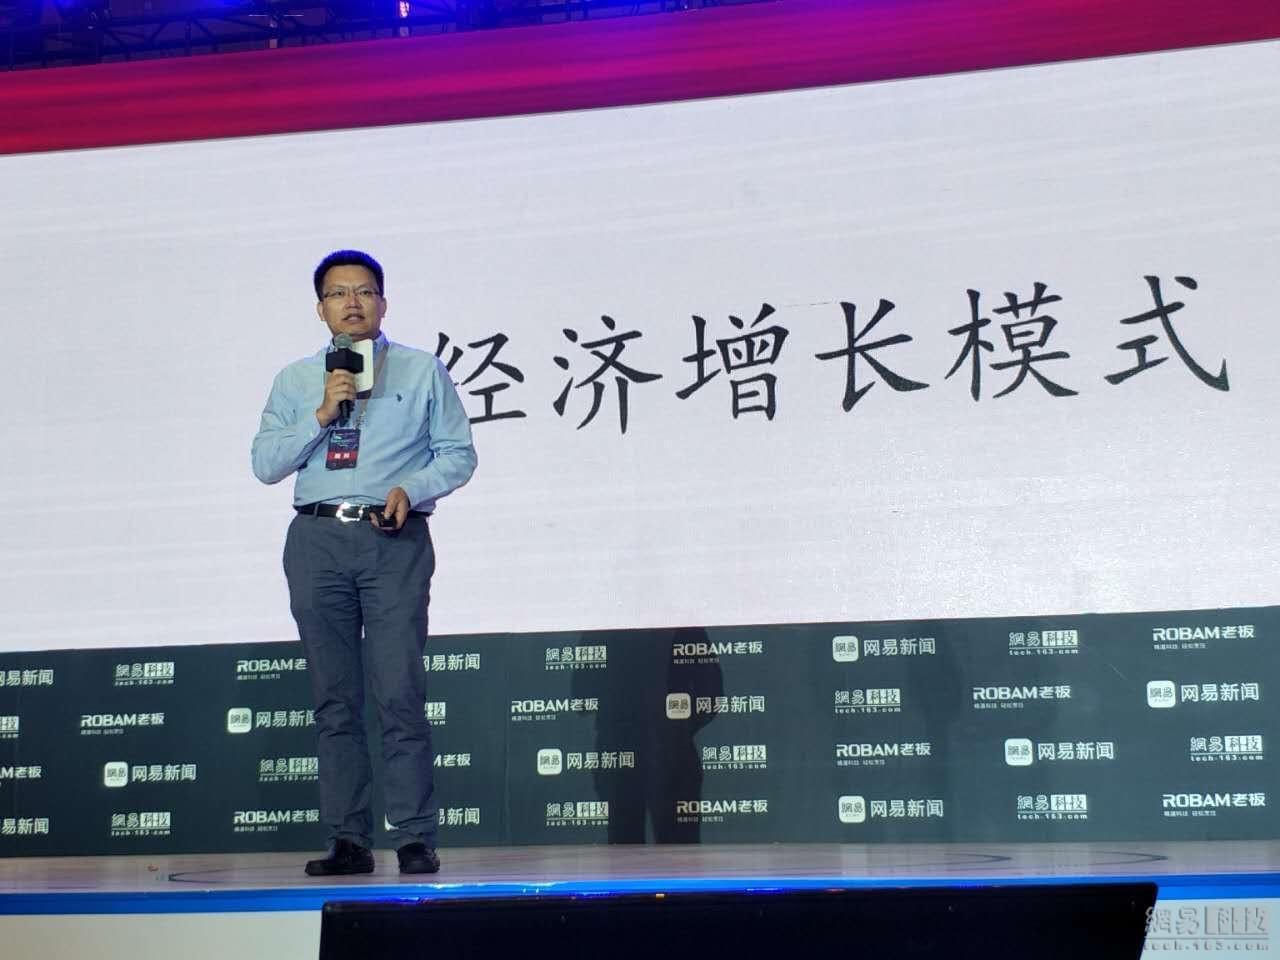 IDG资本牛奎光:接下来的经济增长方式必须是技术驱动增长